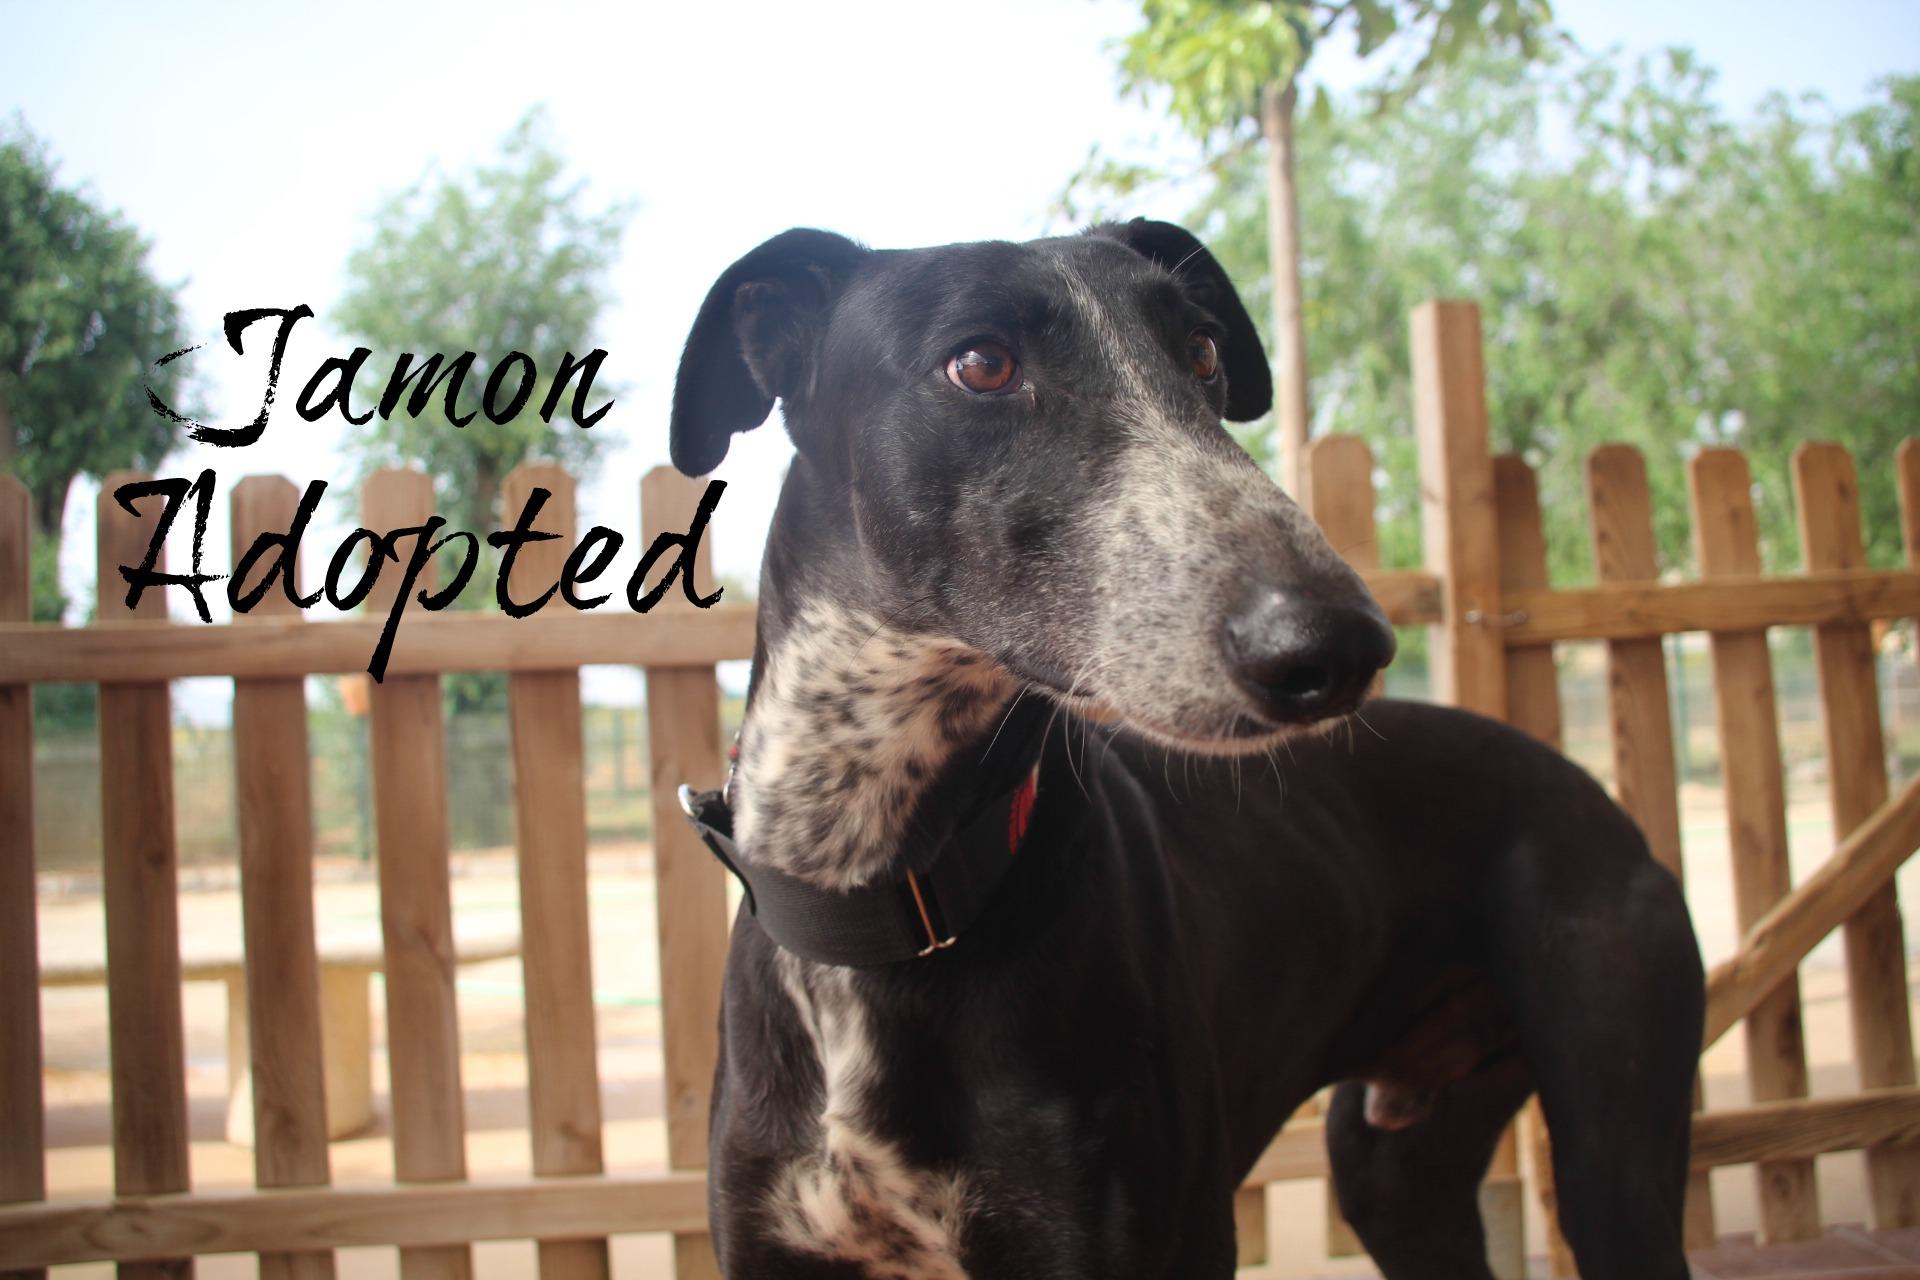 Jamon -Adopted.jpg